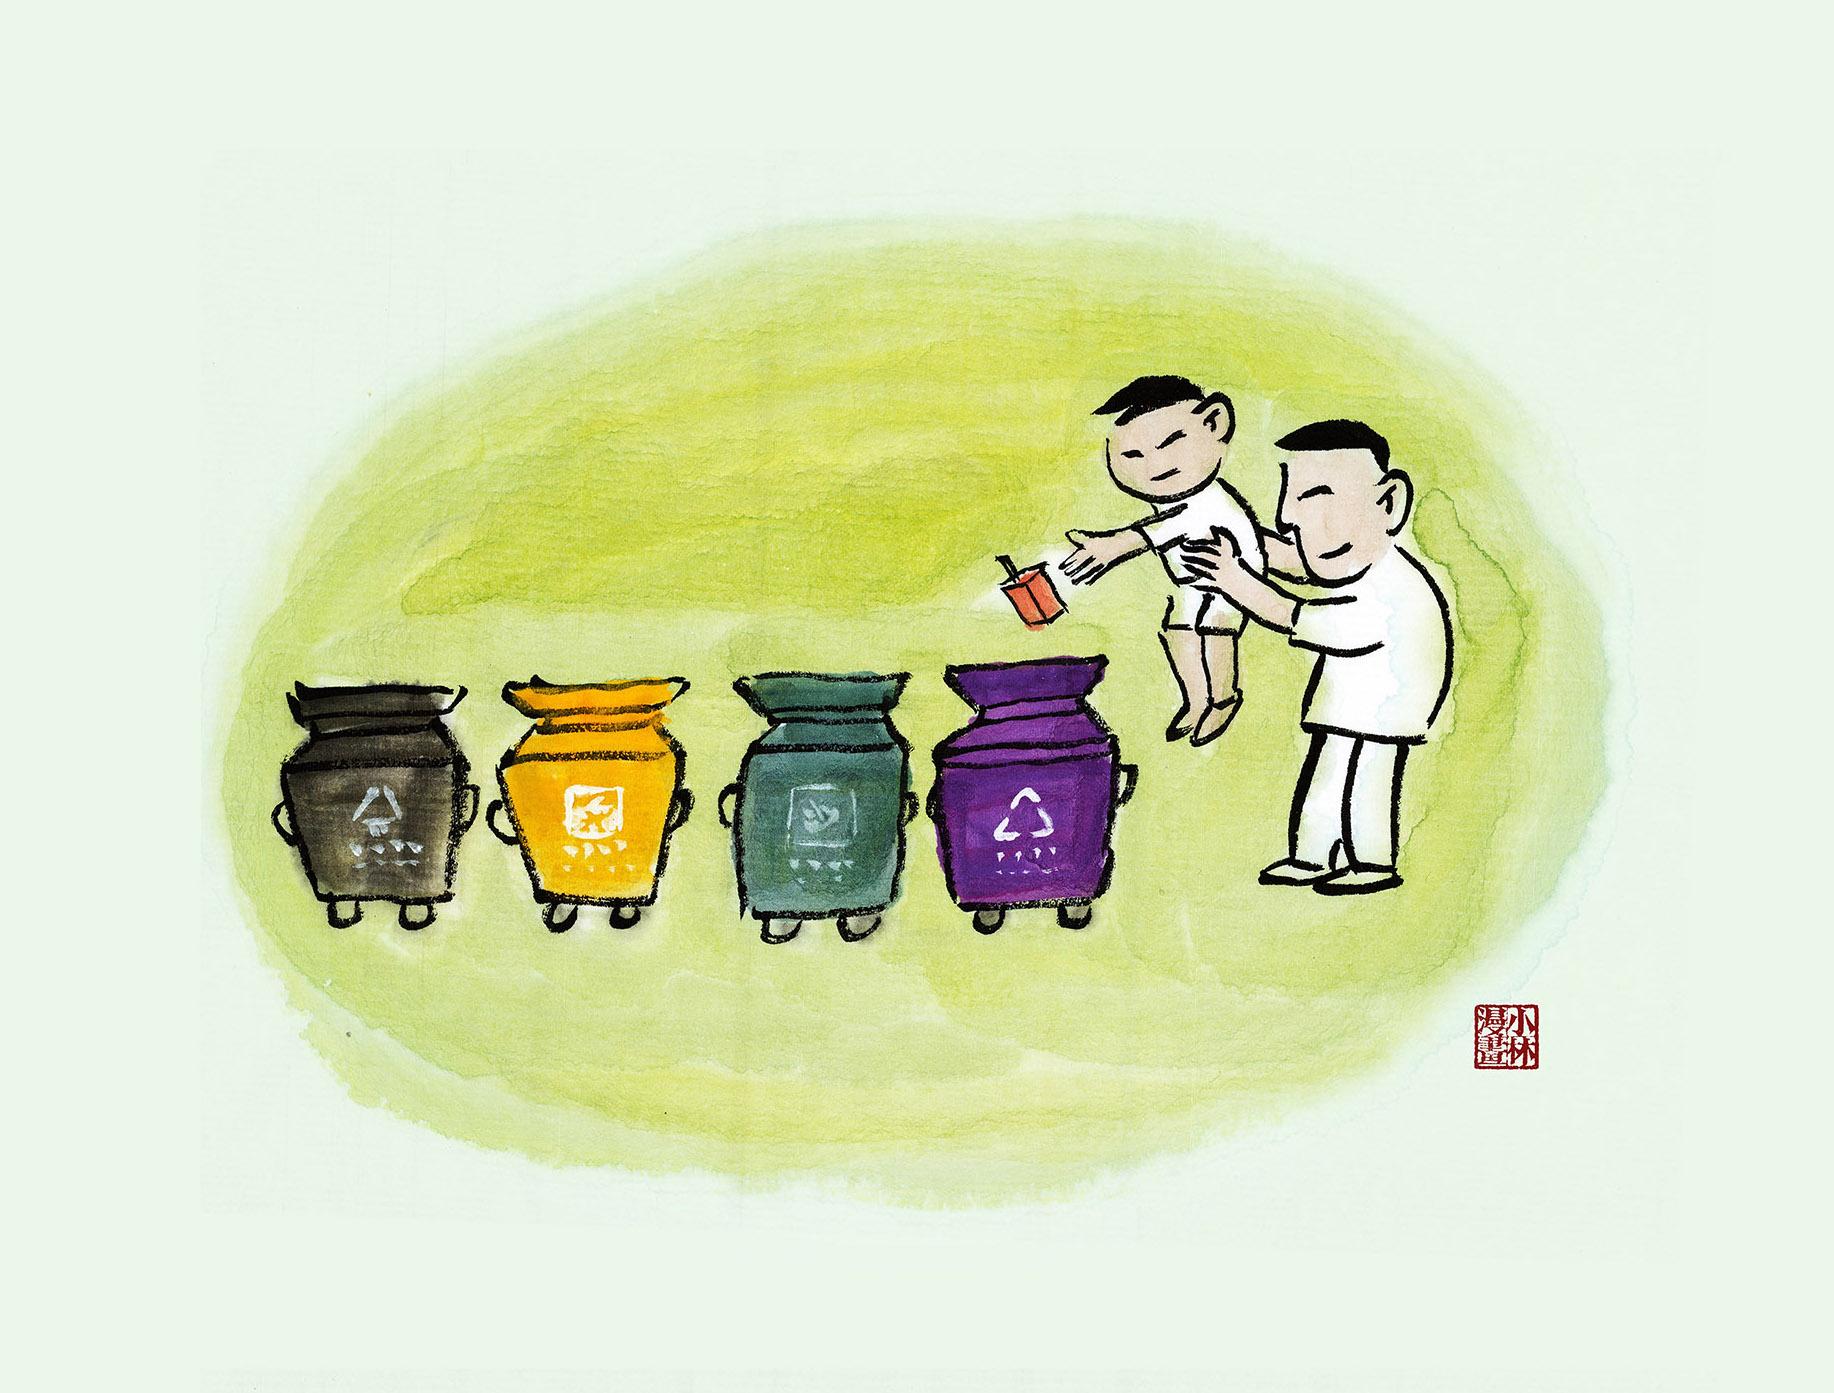 让四处蔓延的垃圾回归万物应有的循环